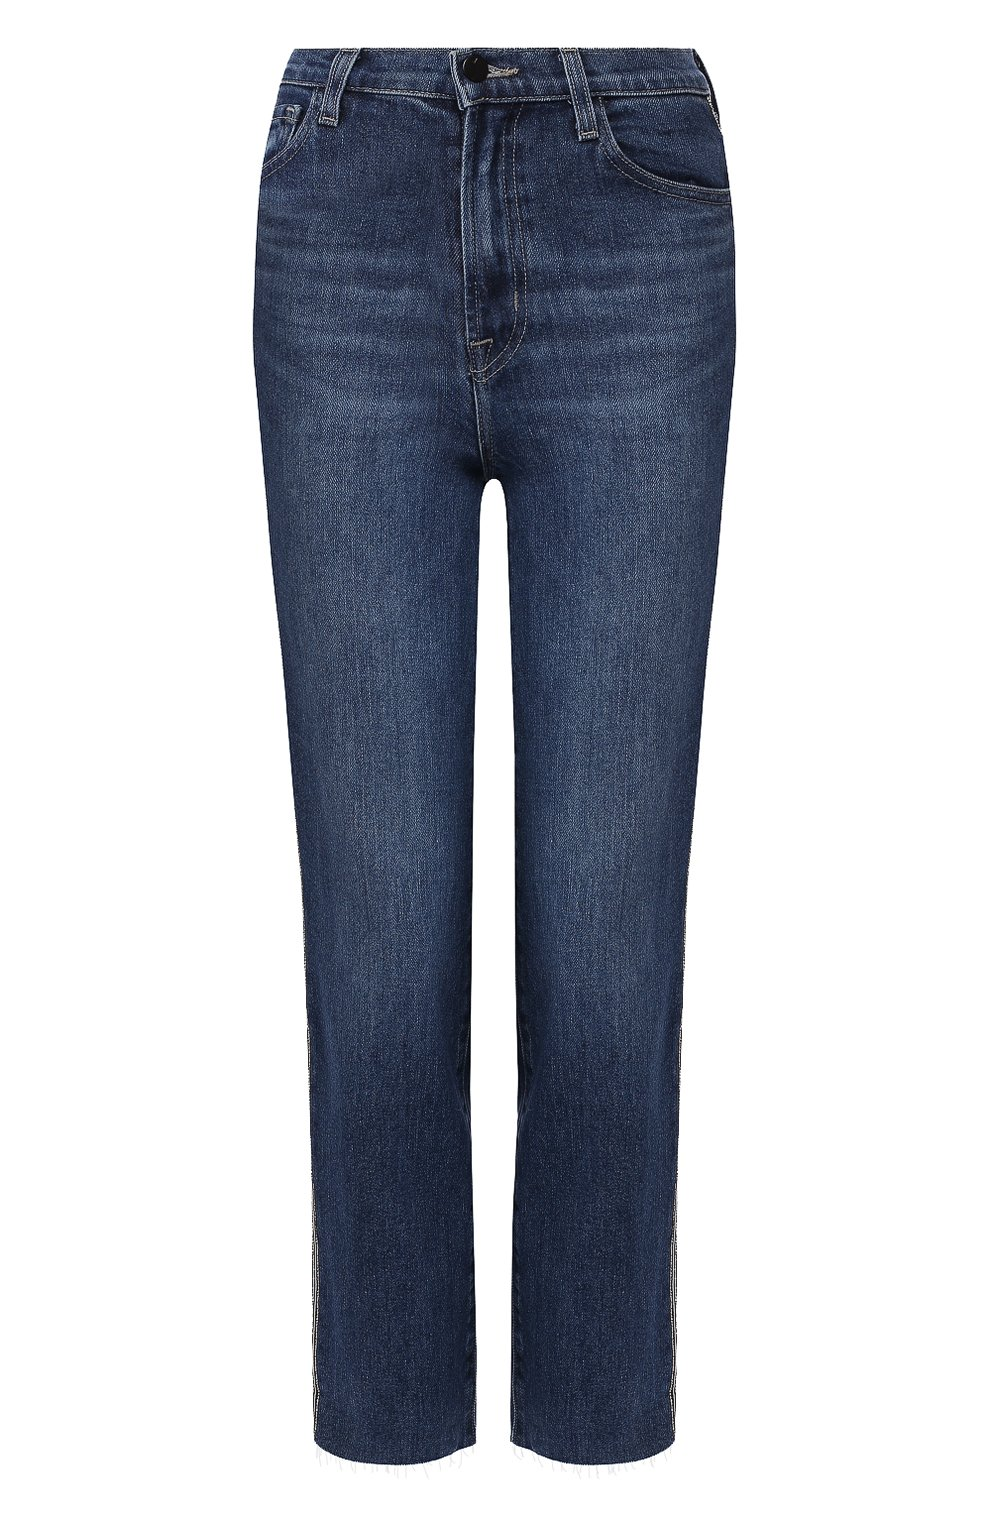 Женские джинсы J BRAND синего цвета, арт. JB002483 | Фото 1